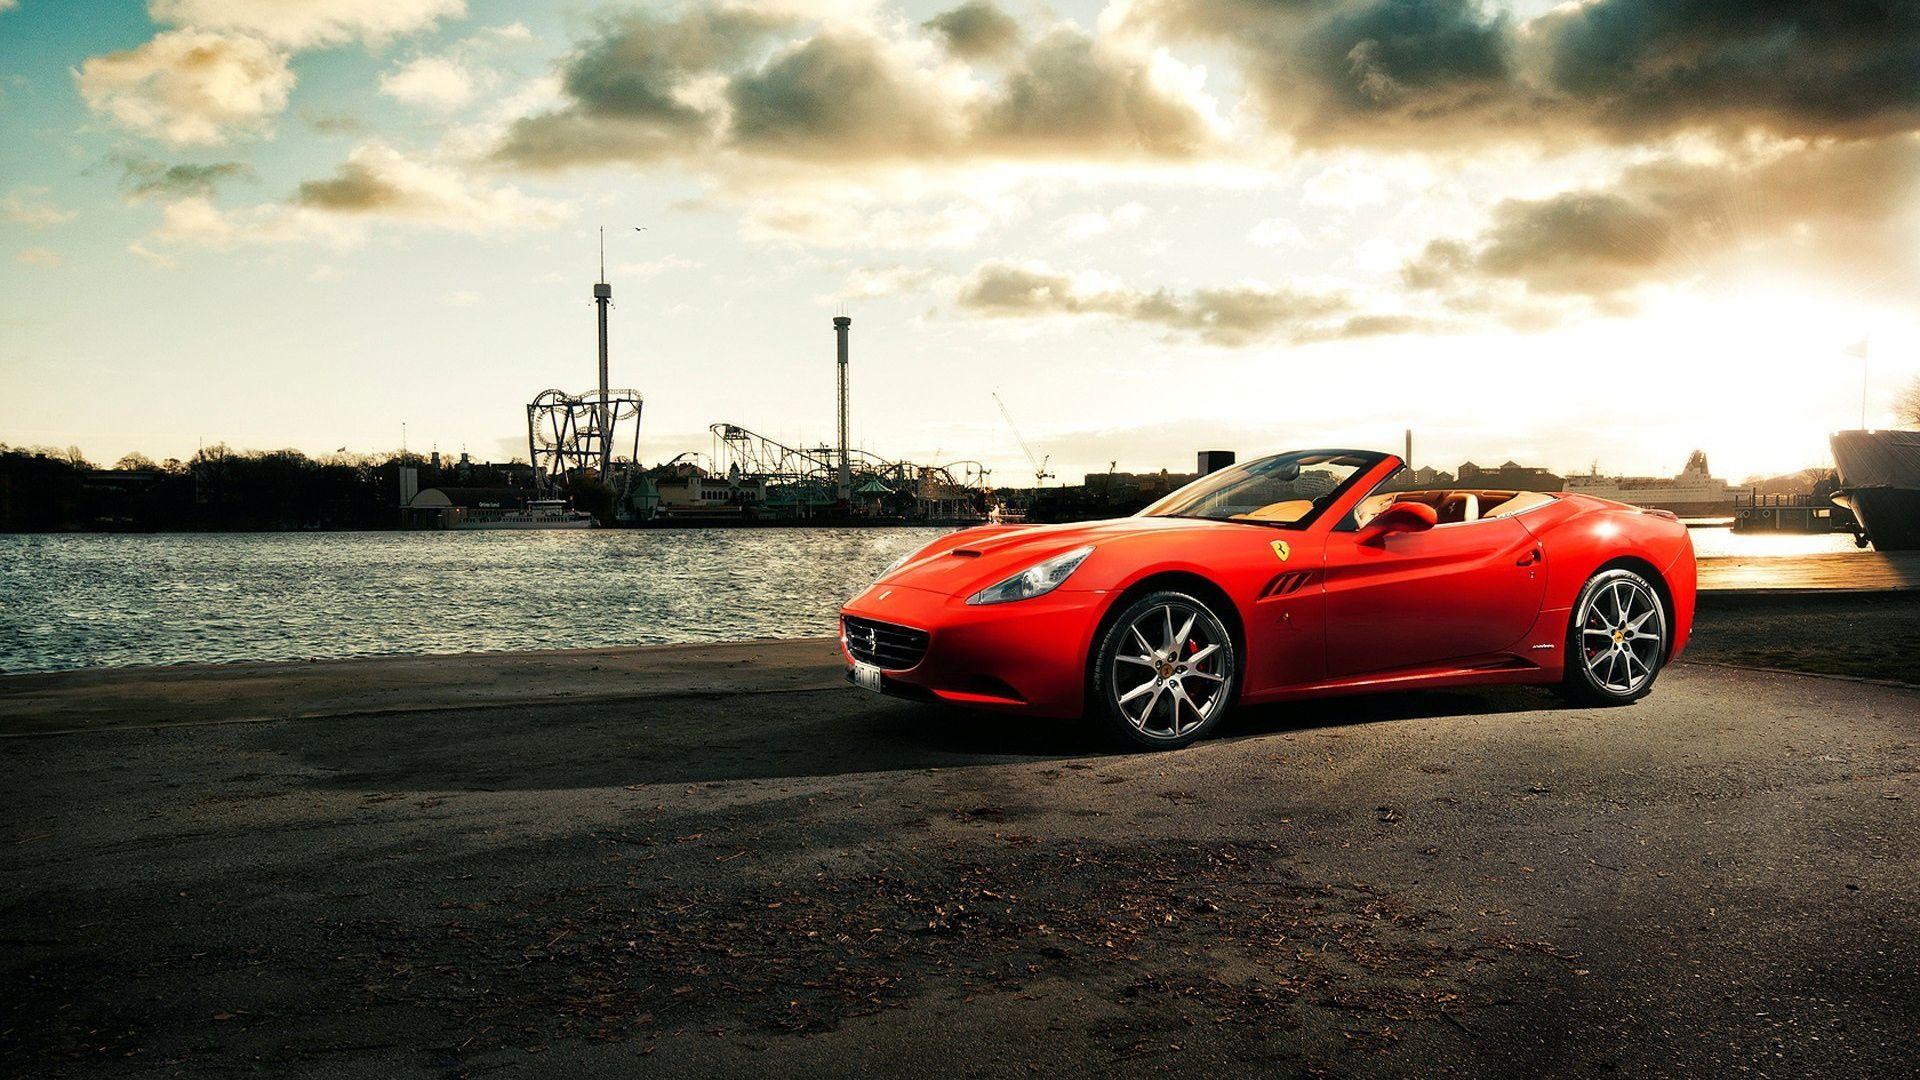 Ferrari California In Red On Hd Wallpaper From Www.hotszots.eu/Ferrari/WallpaperBackgroundsFerrari2.htm  #ferraricalifornia #wallpaperhd #cars | Pinterest ...